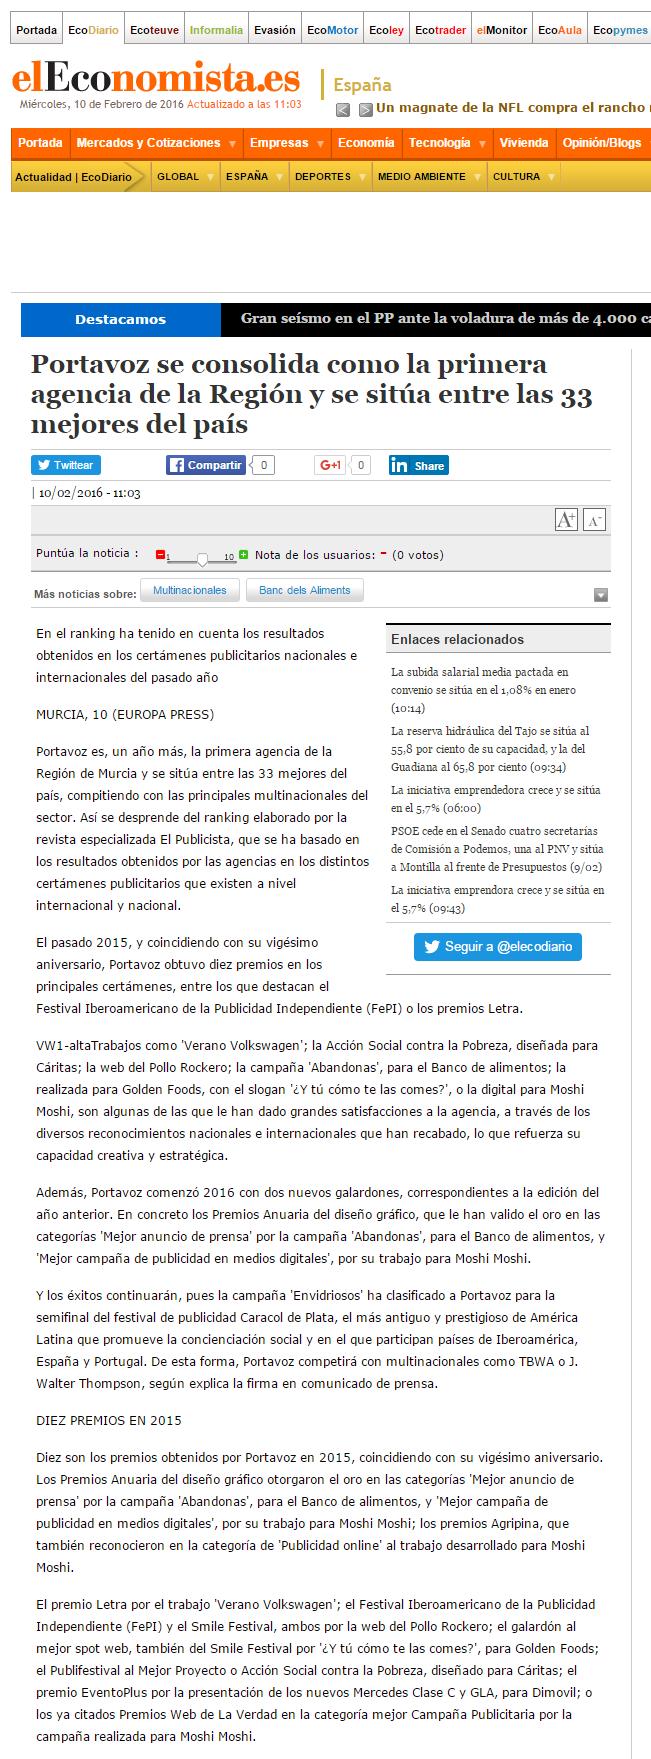 eleconomista.es 10-2-16 Portavoz